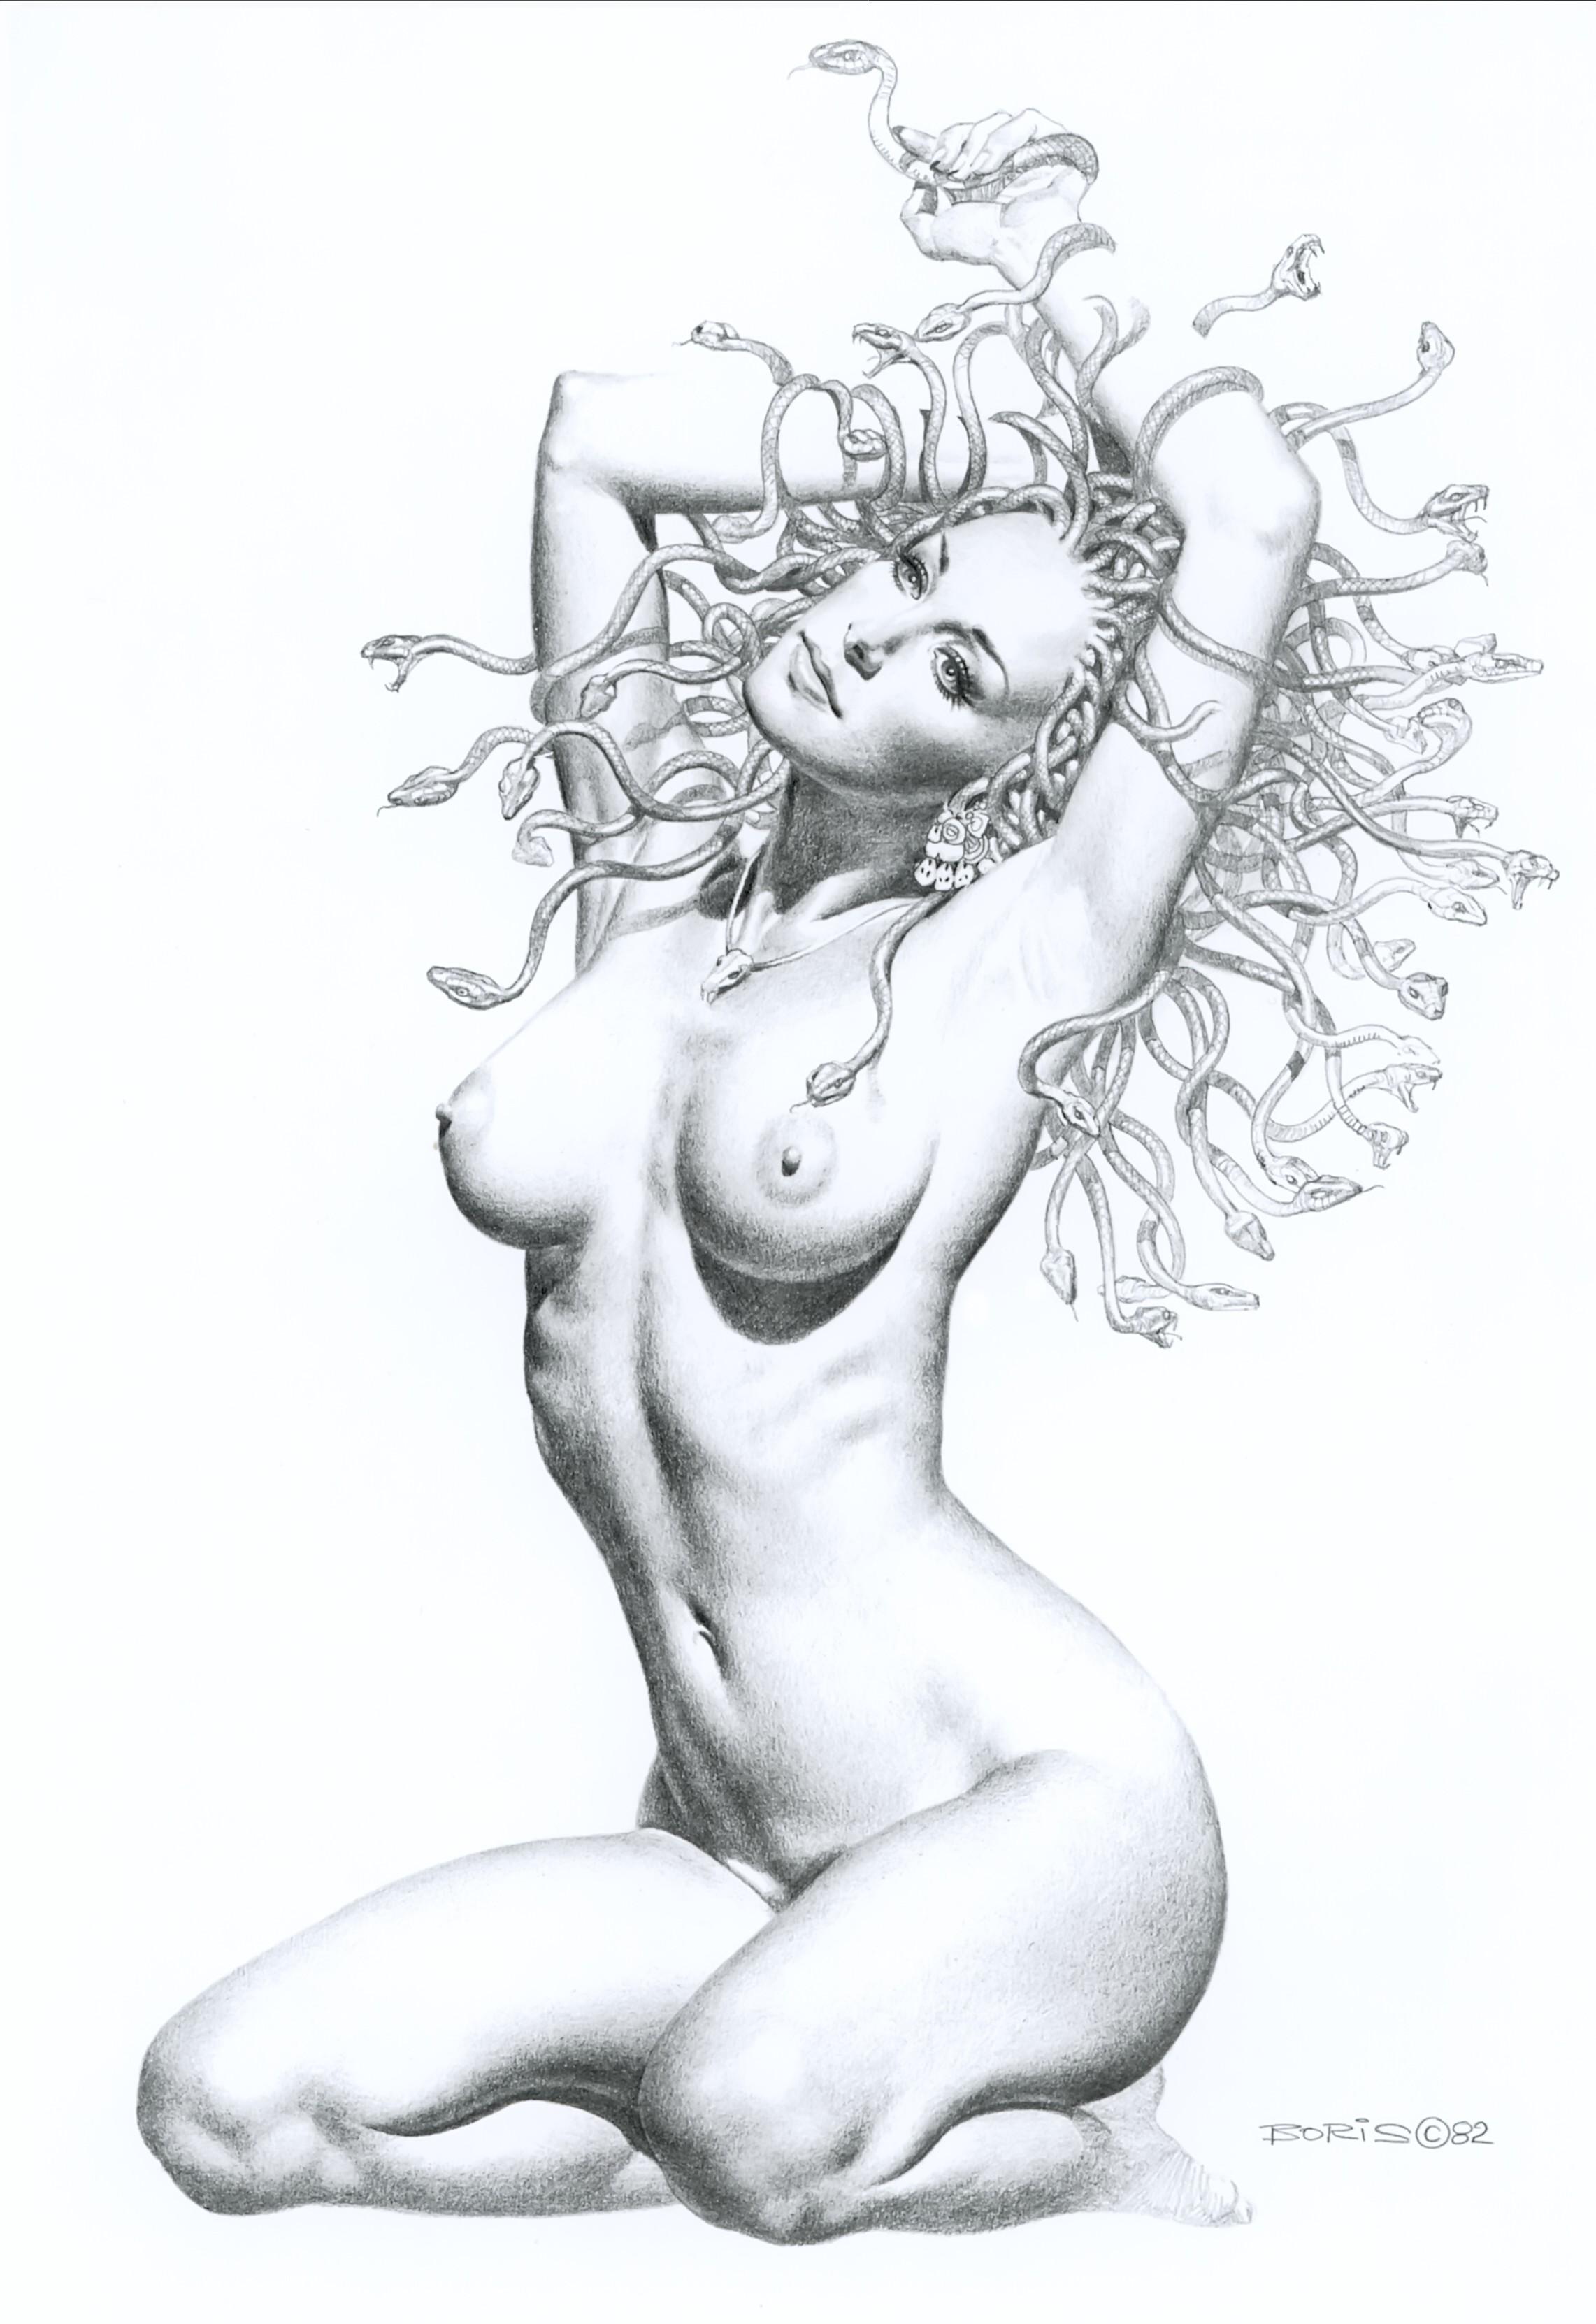 bolshie-siski-fotografii-video-erotika-smotret